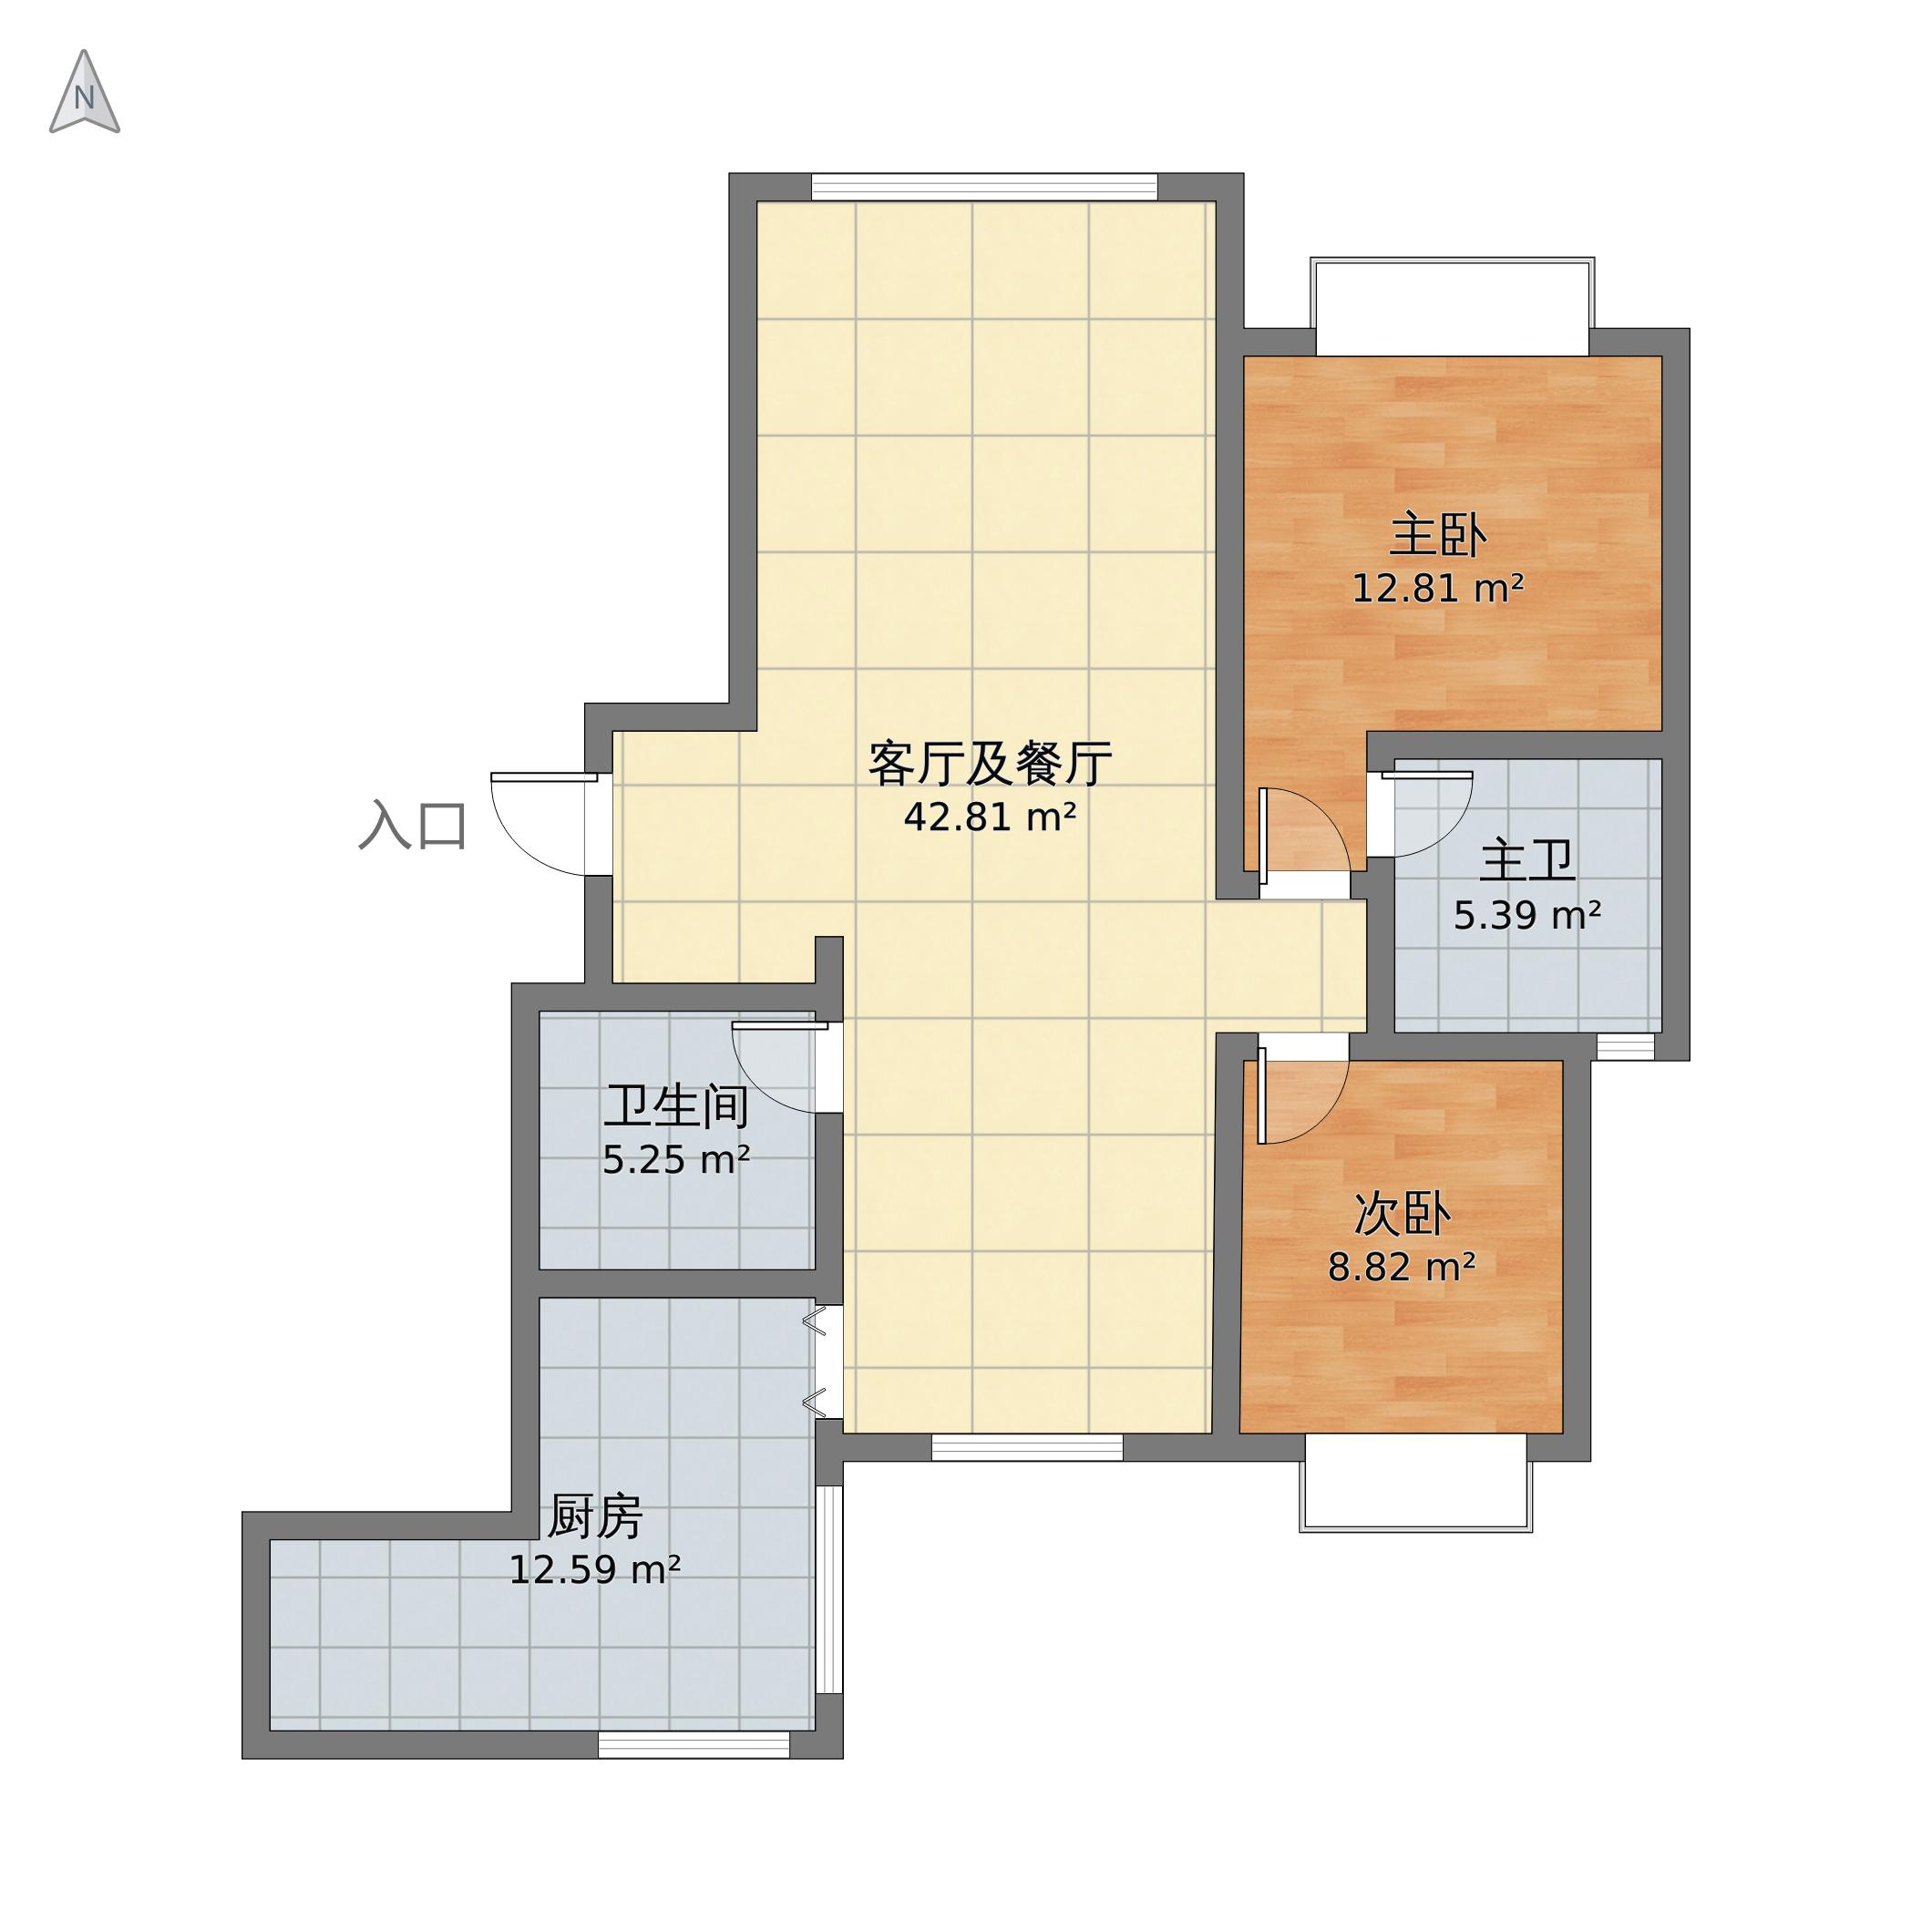 2室1廳1衛